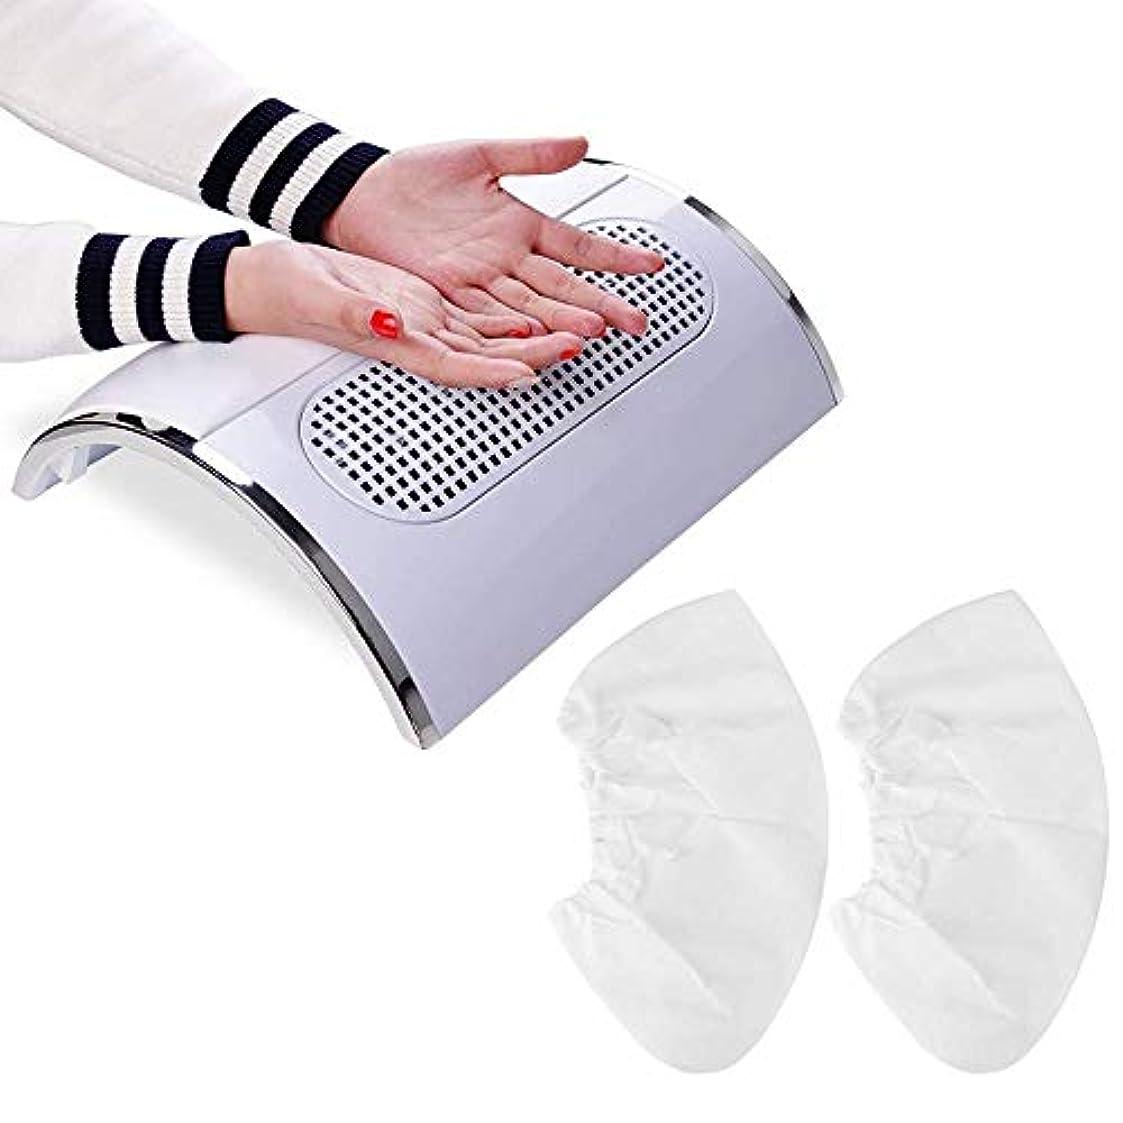 愛マトロン分類するBiutee メタリックホワイト ネイルダスト 集塵機 ダストクリーナー ジェルネイル ネイル機器